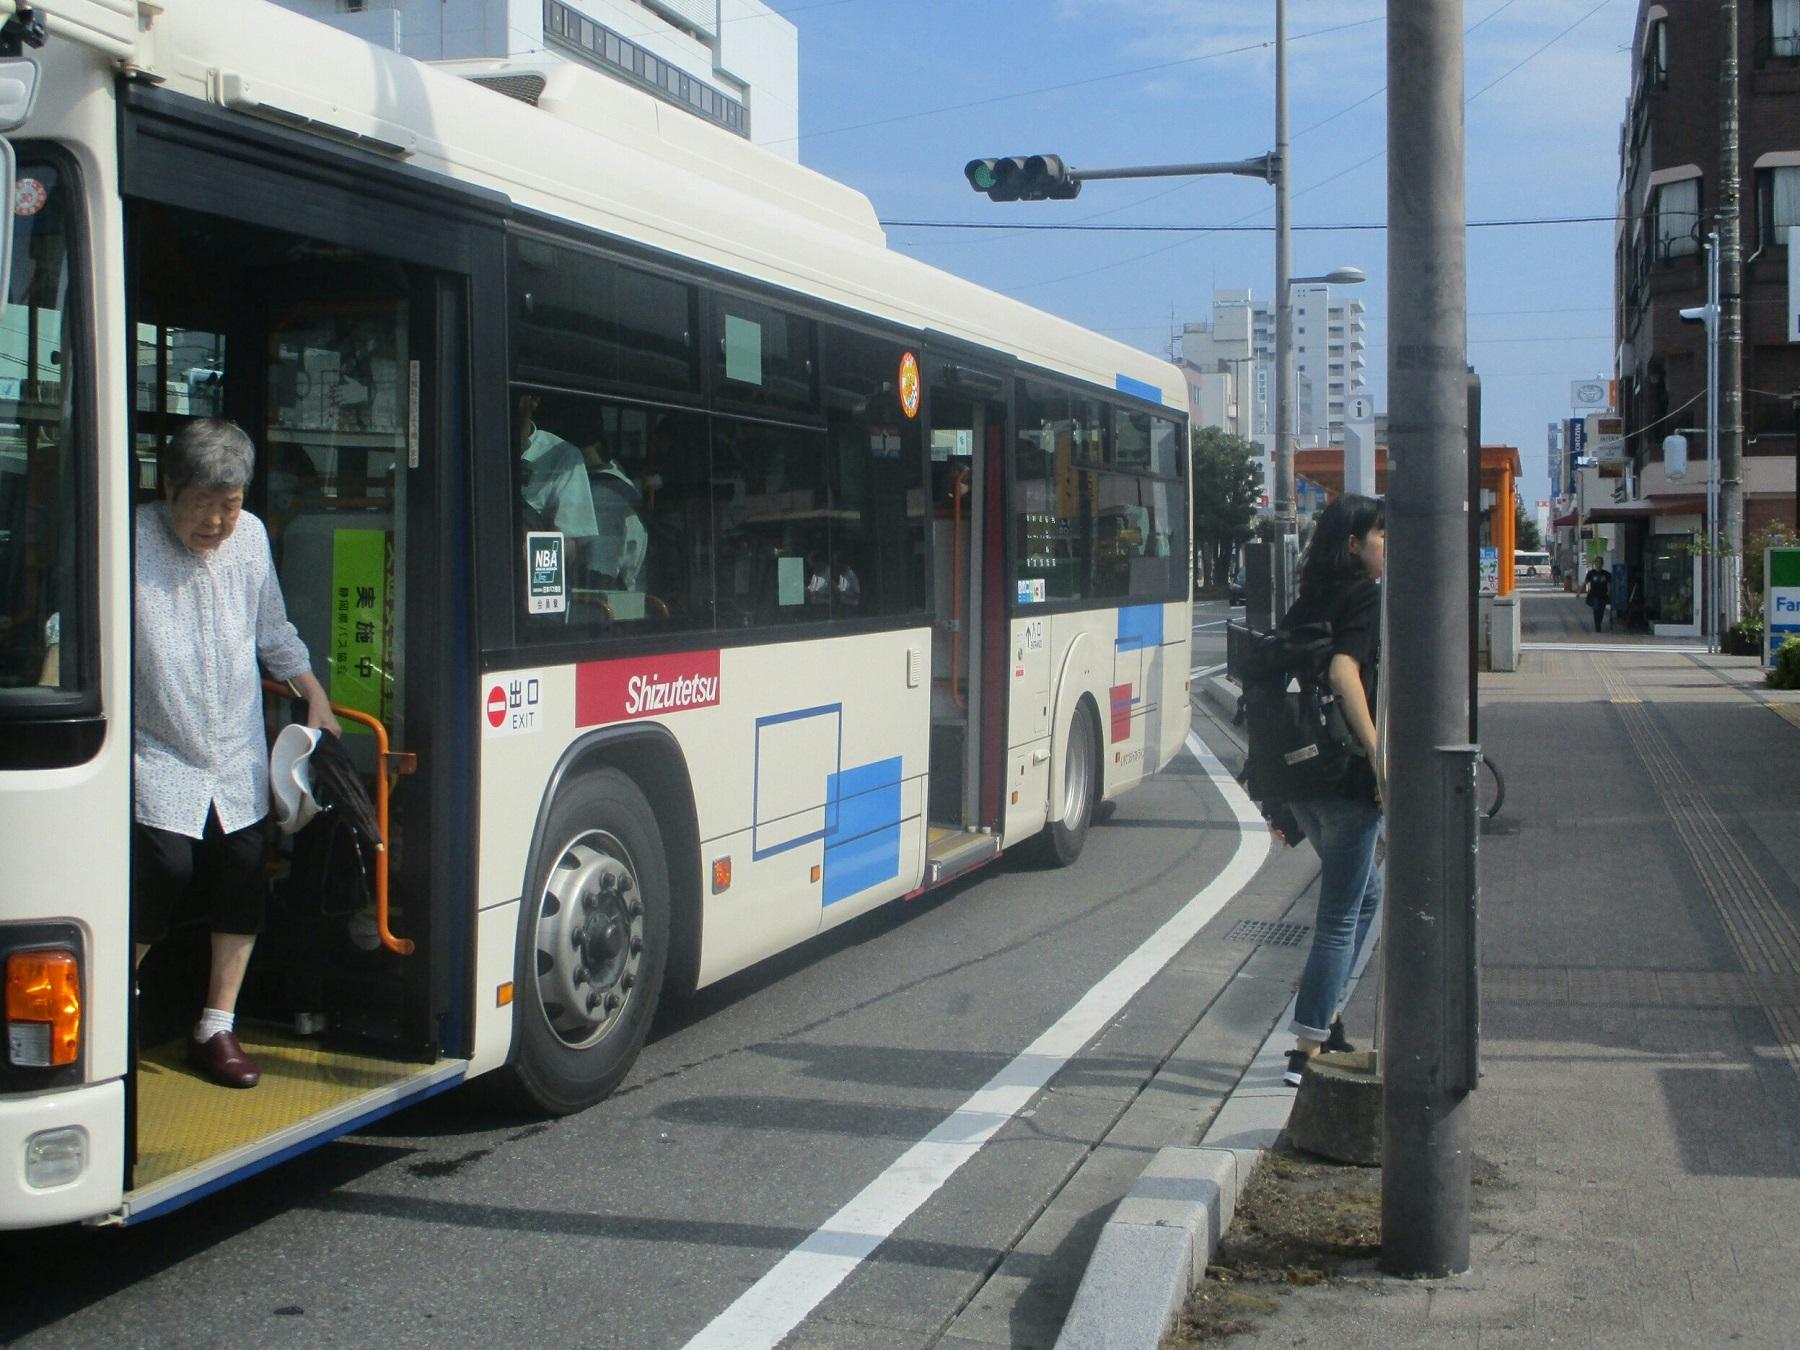 2018.8.10 (126) 新清水駅 - 清水駅いきバス 1800-1350